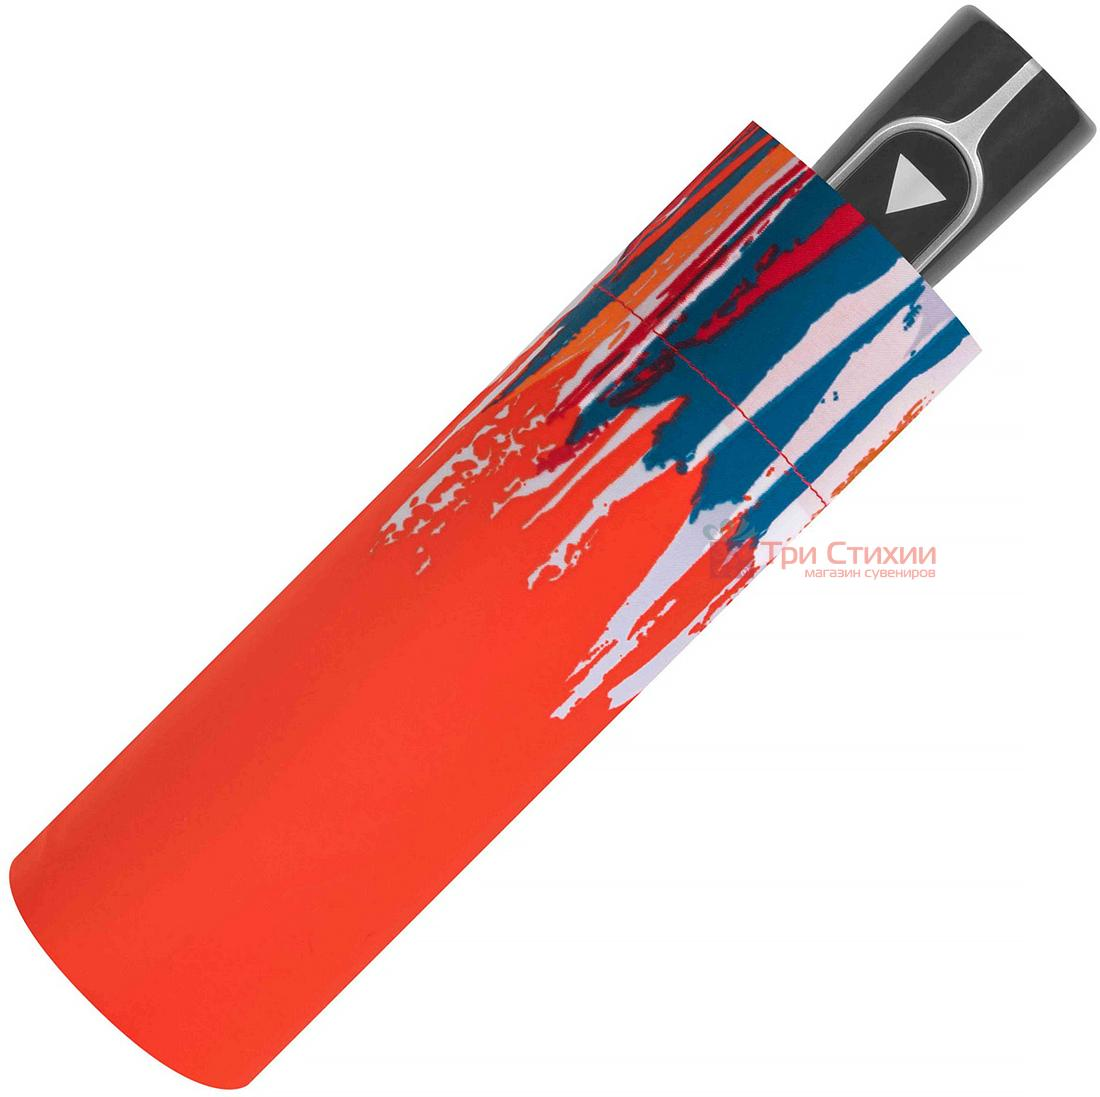 Зонт складной Doppler 7301652903-2 полуавтомат Оранжевый, Цвет: Оранжевый, фото 2